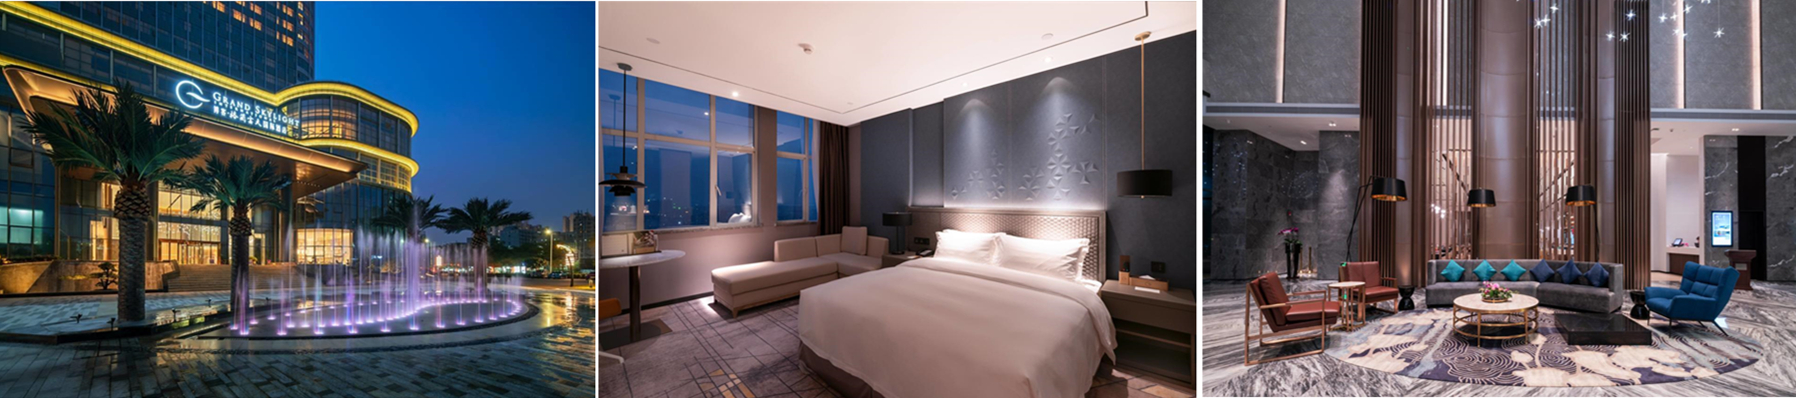 深圳博客格兰云天国际酒店